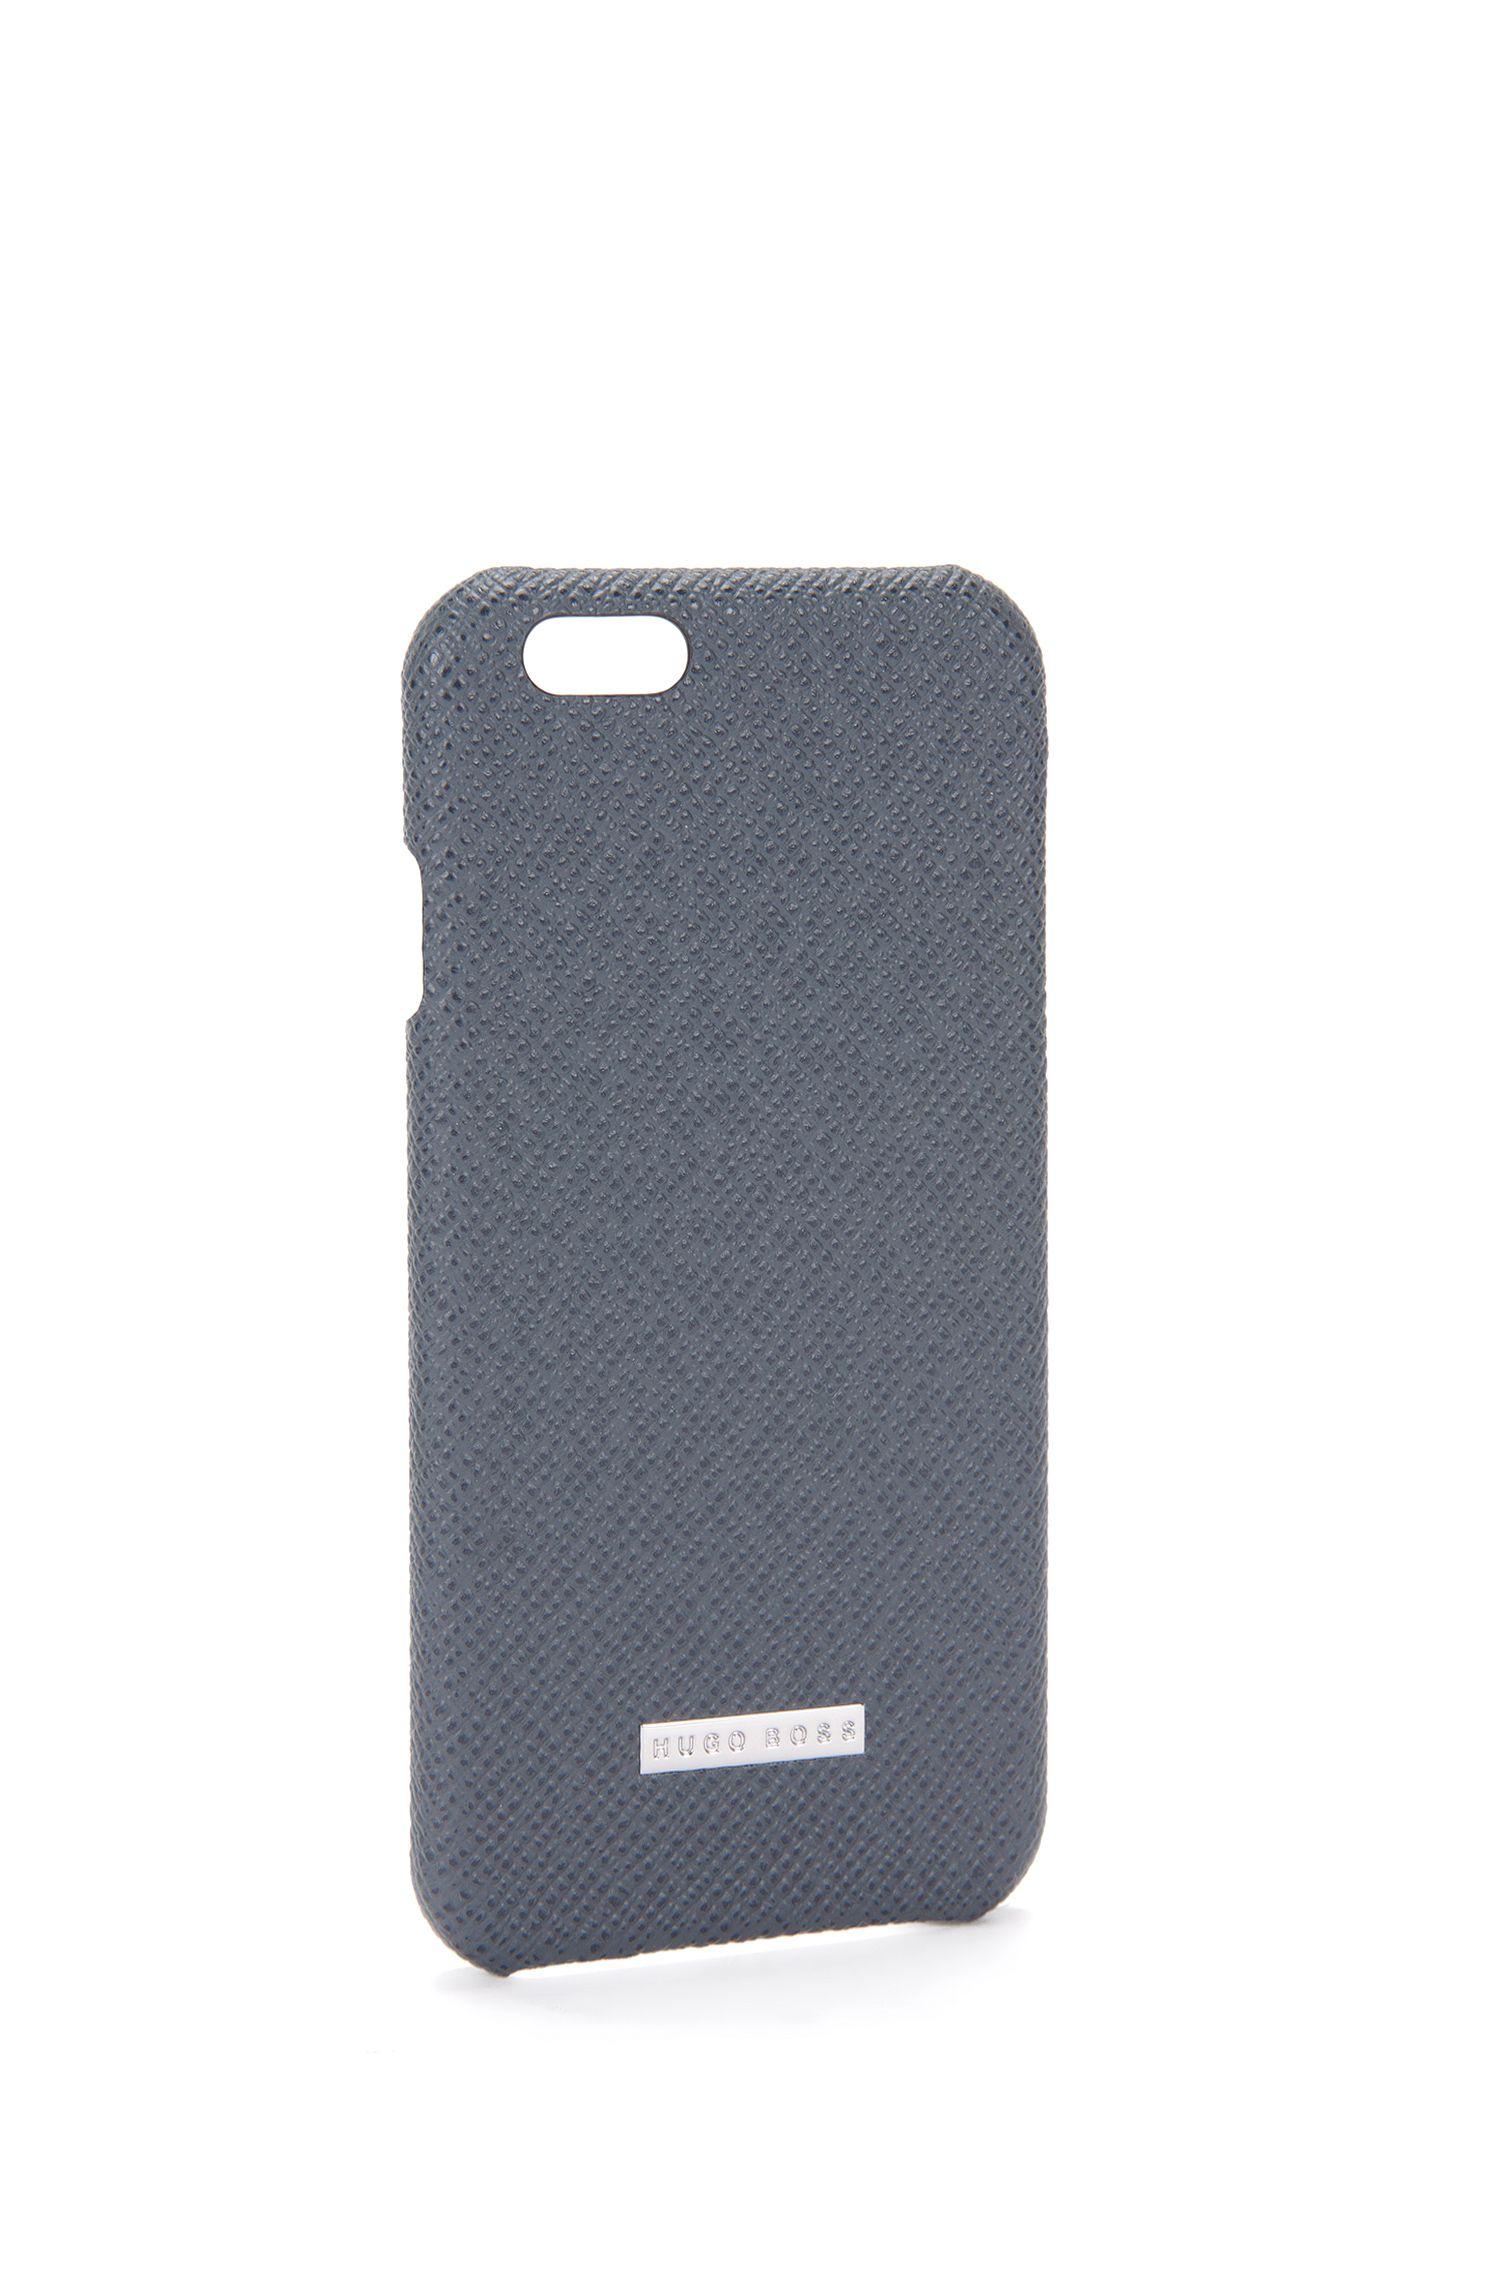 'Signature Phone 6' | Calfskin Embossed iPhone 6 Phone Case